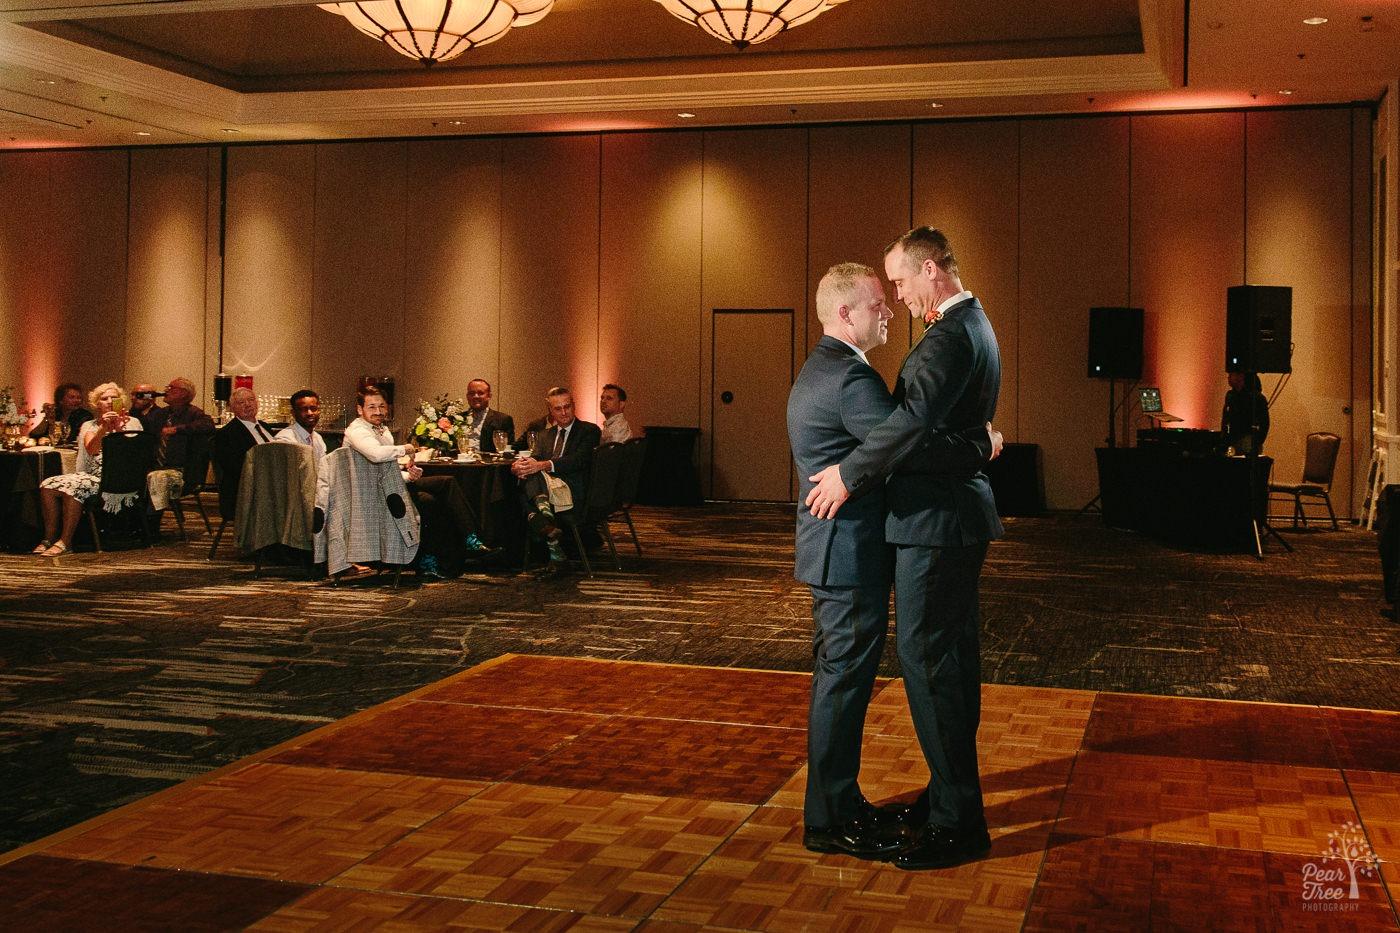 Grooms first dance inside Renaissance Concourse ballroom.